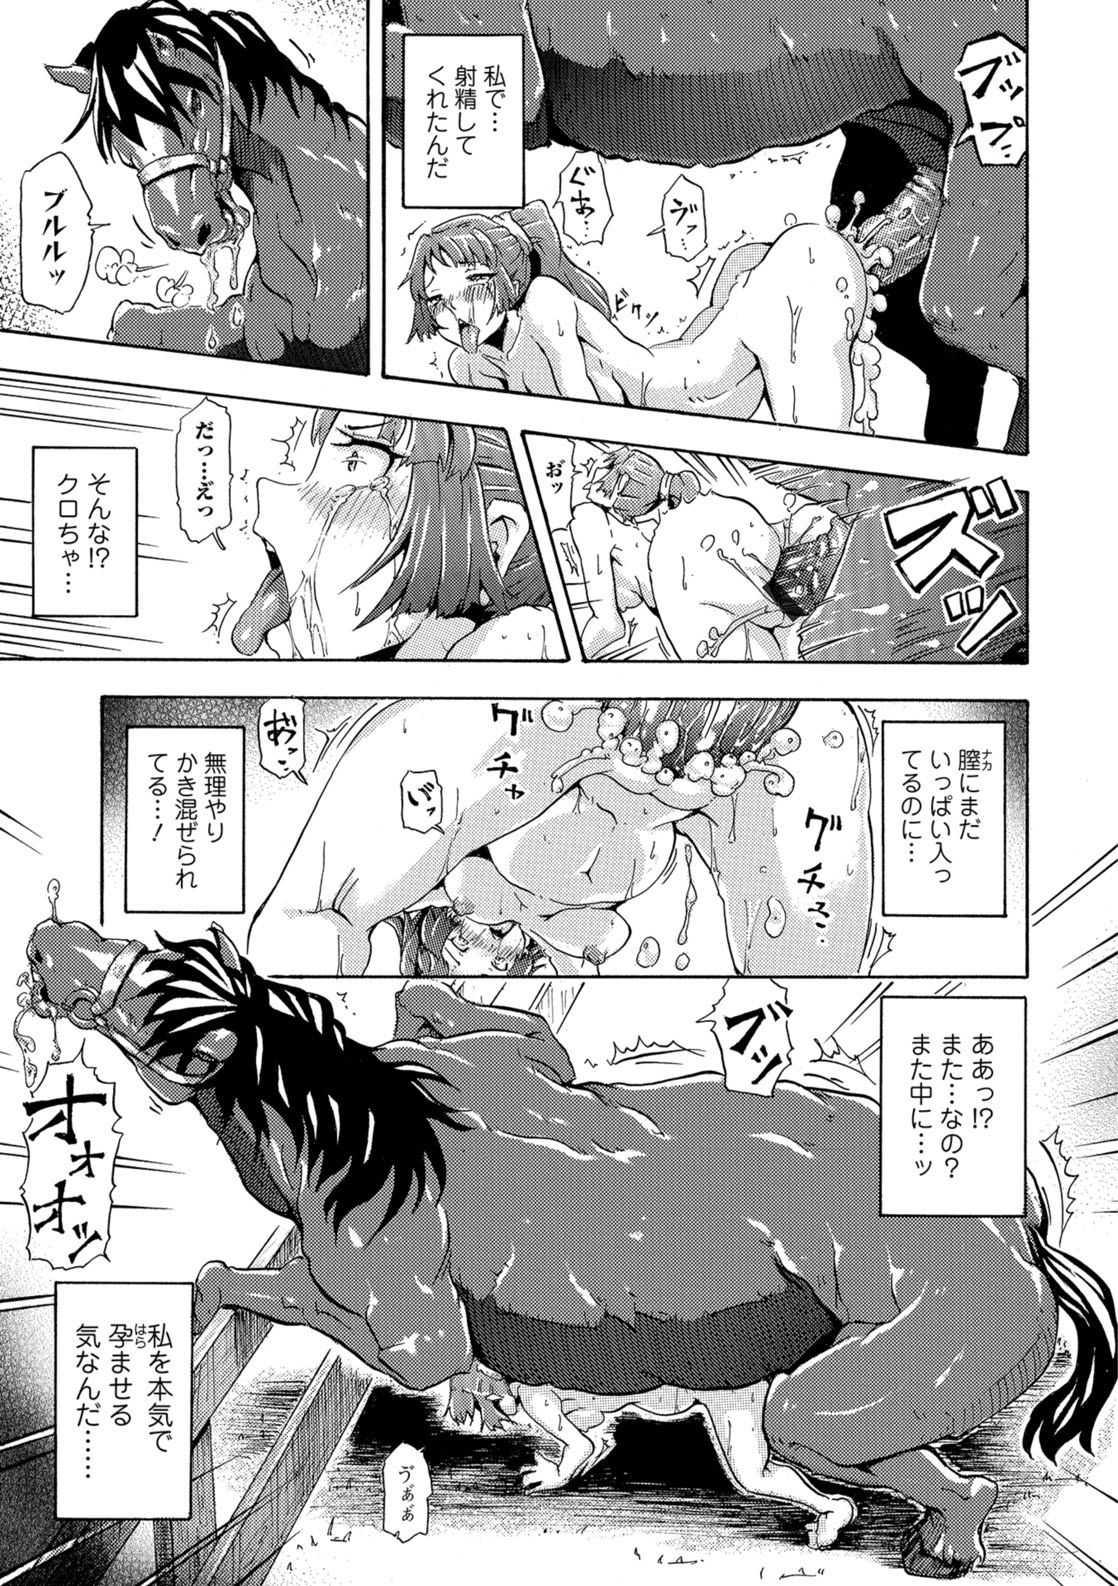 【エロ漫画】牧場の馬に恋する美少女従業員…牝馬に嫉妬し獣姦セックスに挑戦するも子宮脱www【中田ミツル:私の彼氏はウマいのよ?】